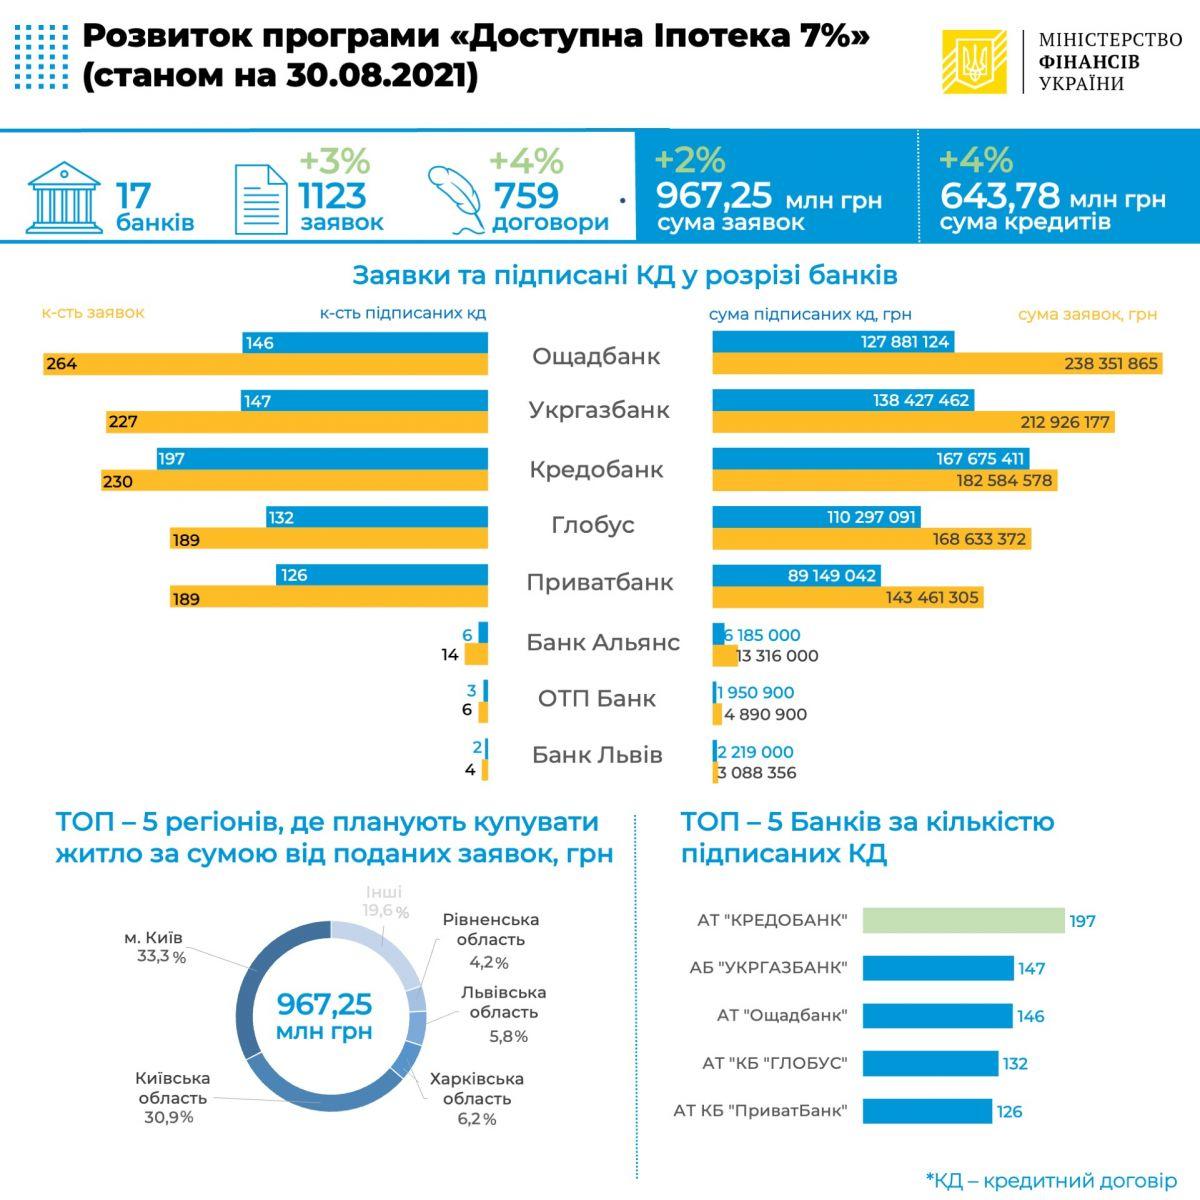 Банки выдали ипотечных кредитов под 7% на 644 млн грн